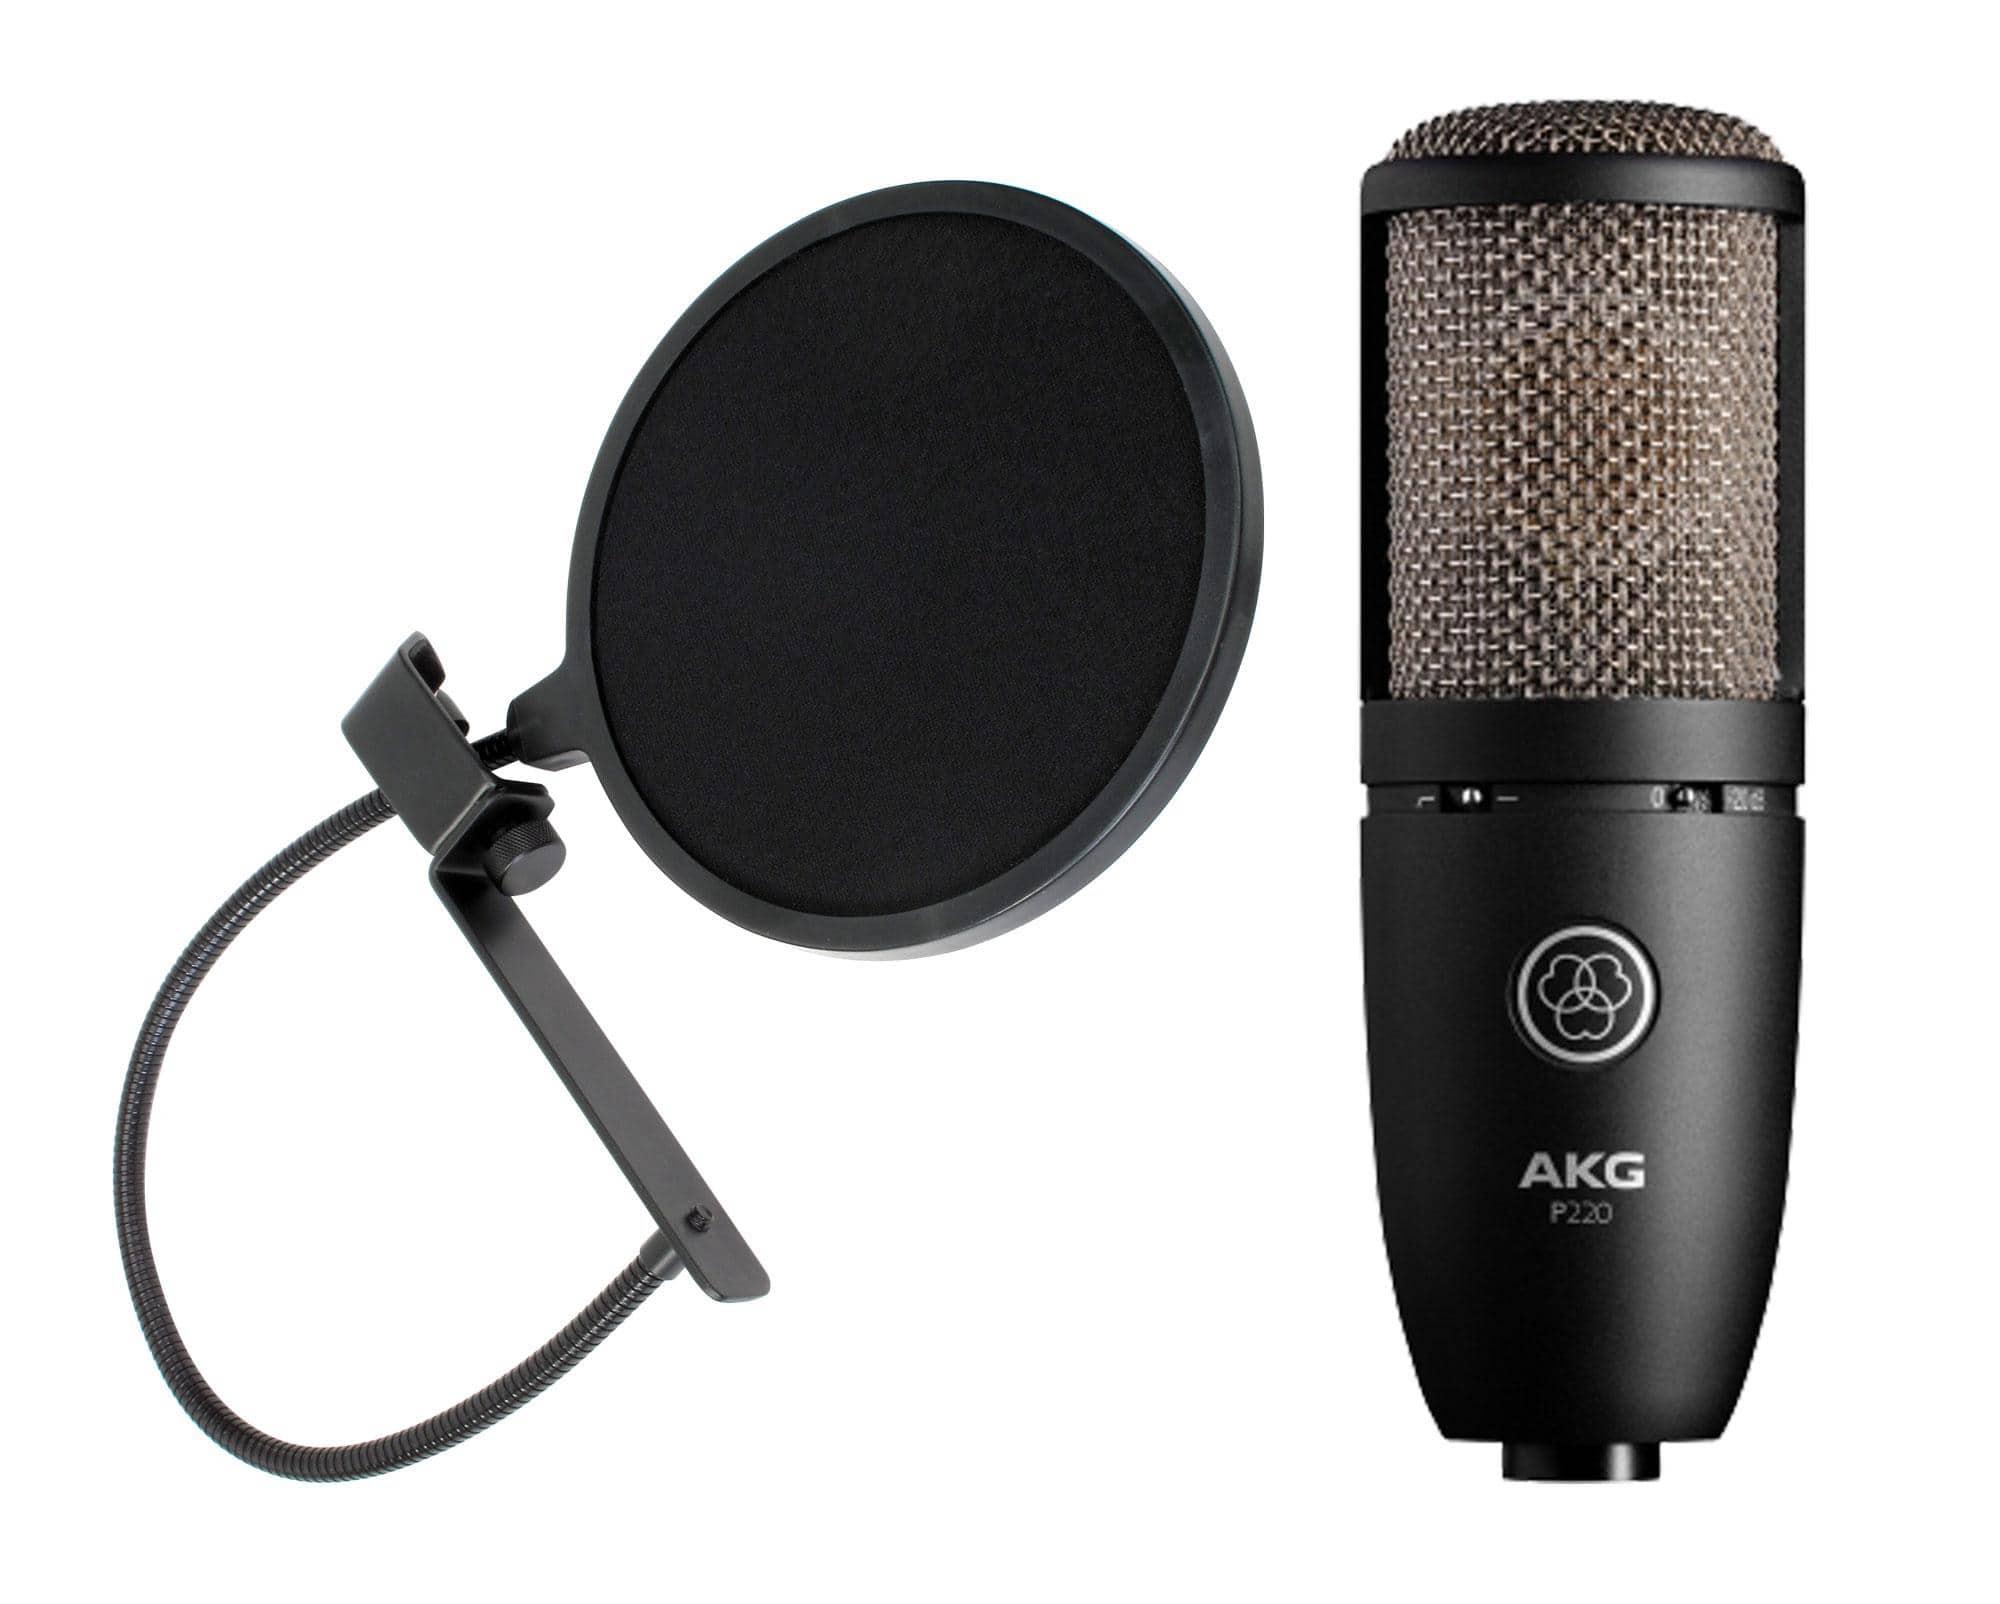 AKG P 220 Großmembran Mikrofon Set Popkiller